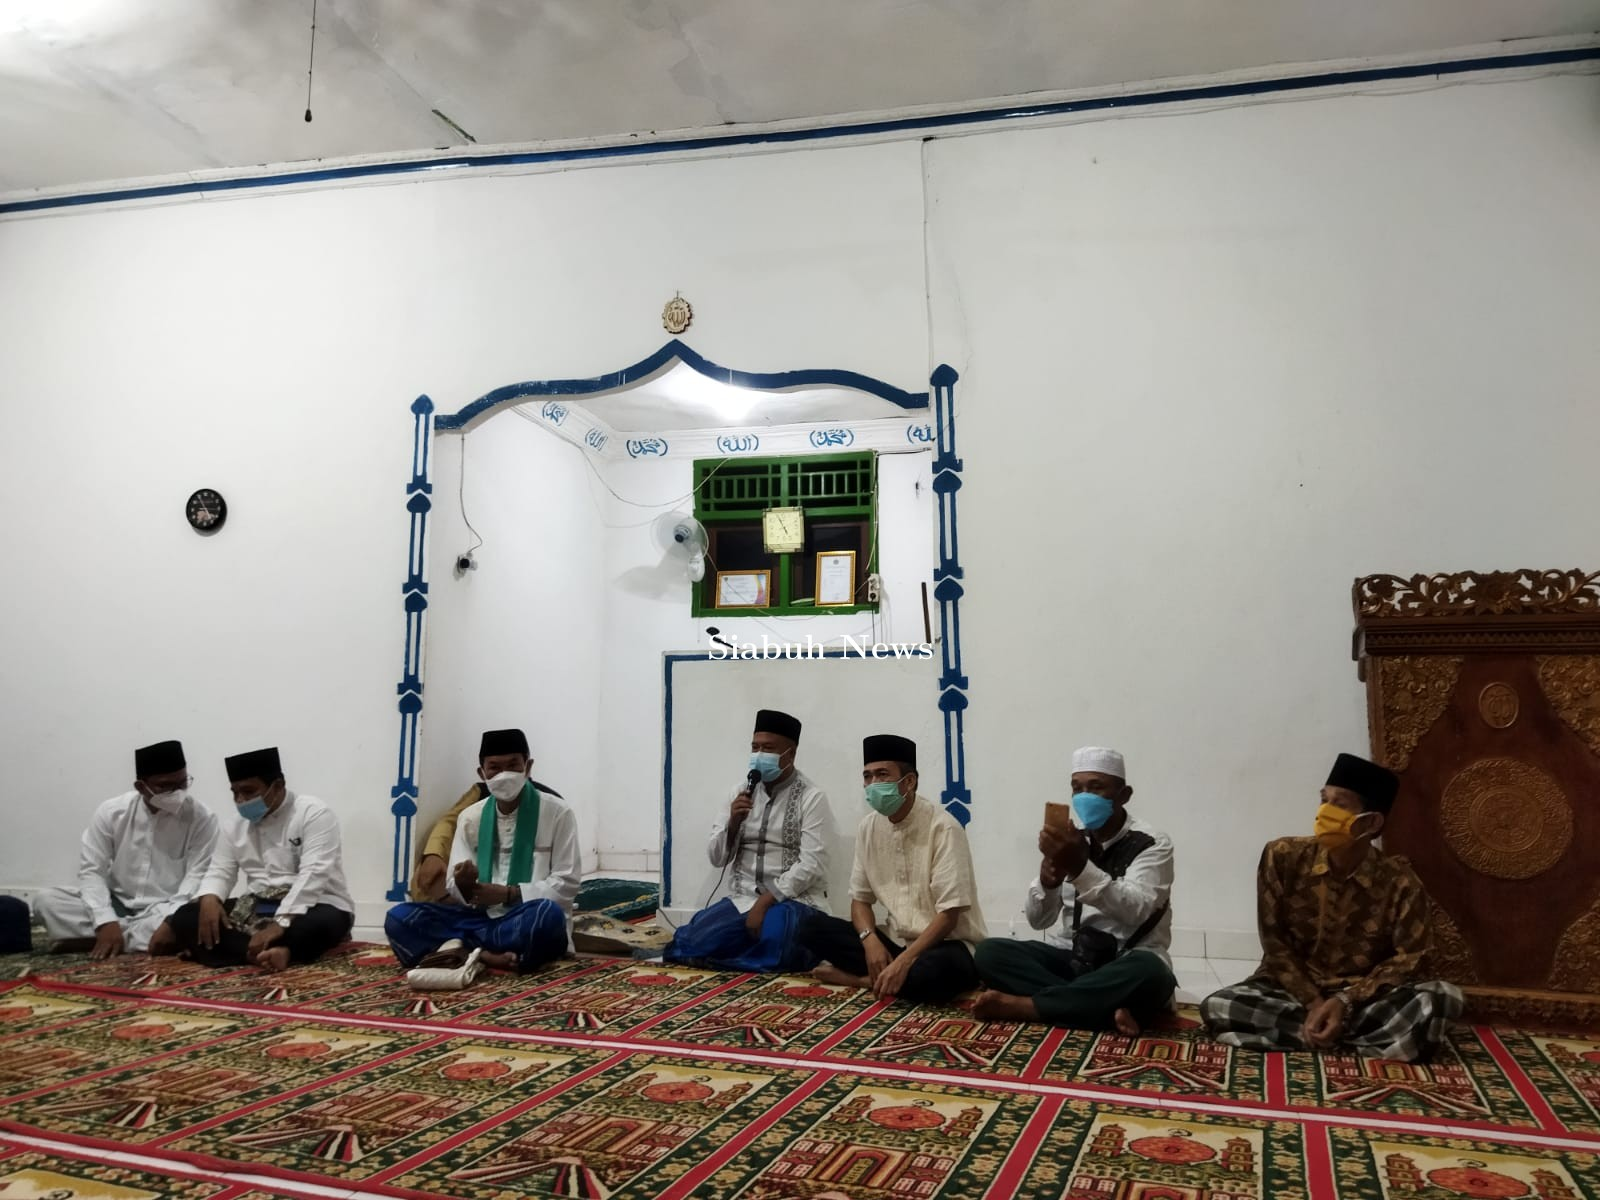 Reaktivasi Agenda Subuh Berjamaah, Harnojoyo Resmikan Peletakan Batu Pertama Masjid Darussalam